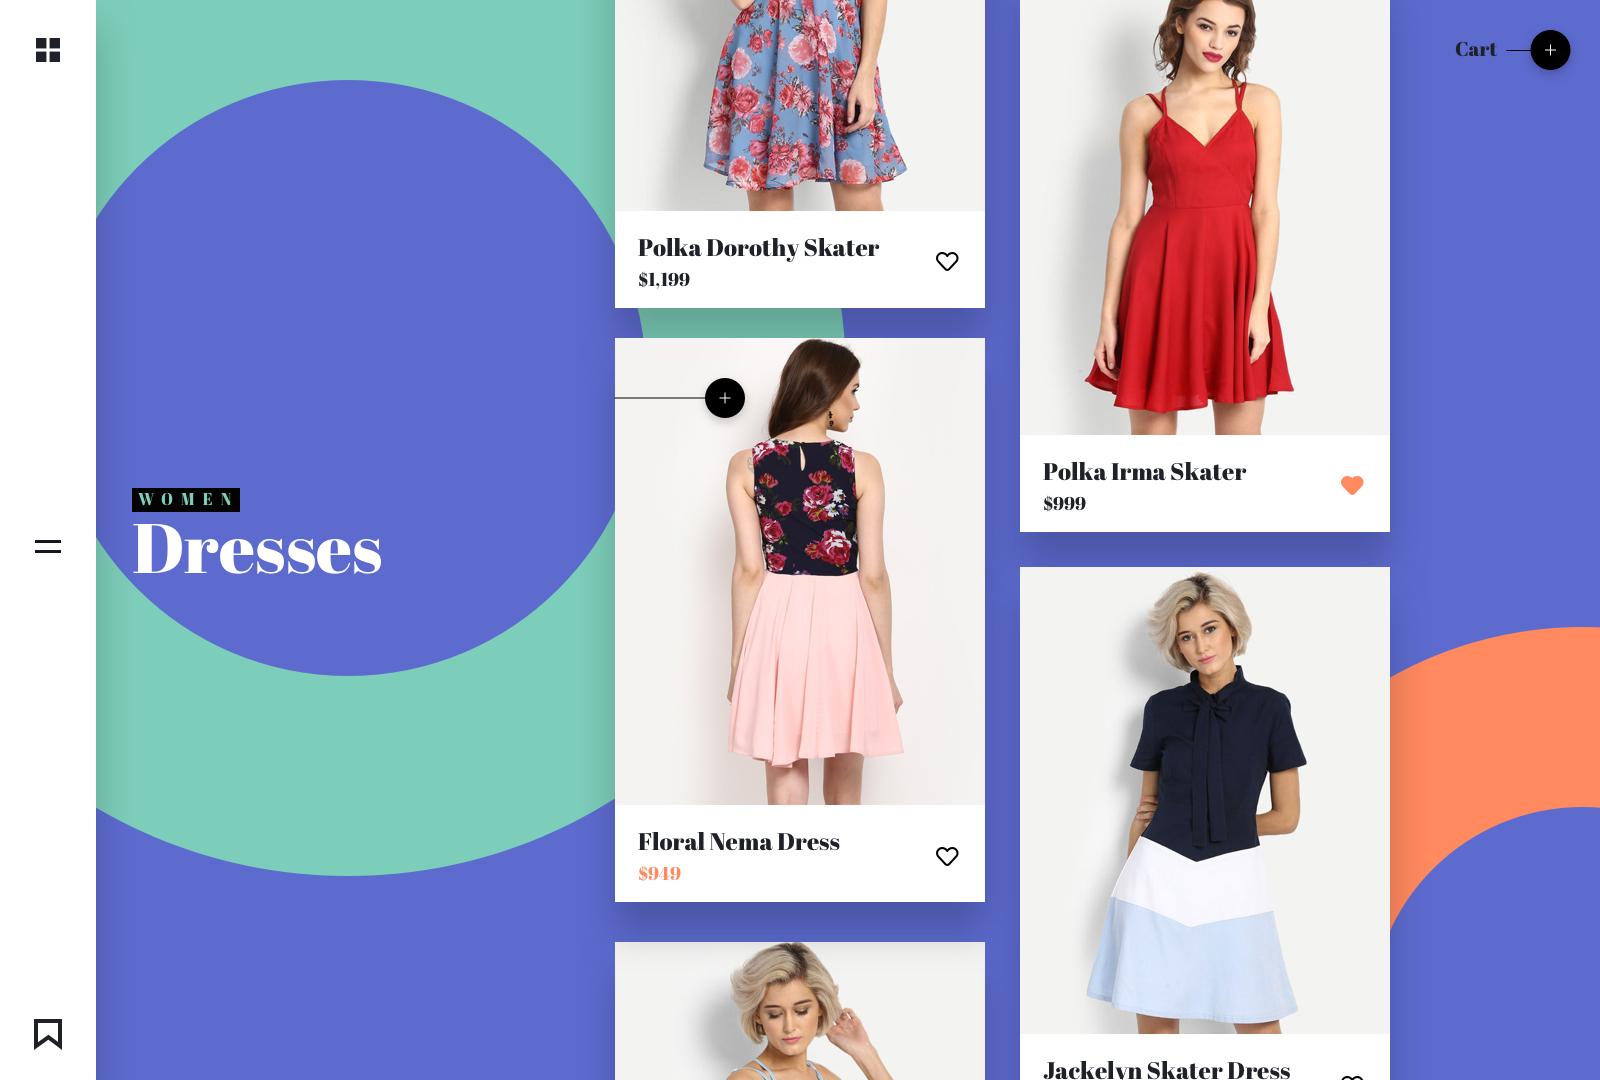 Women dresses list